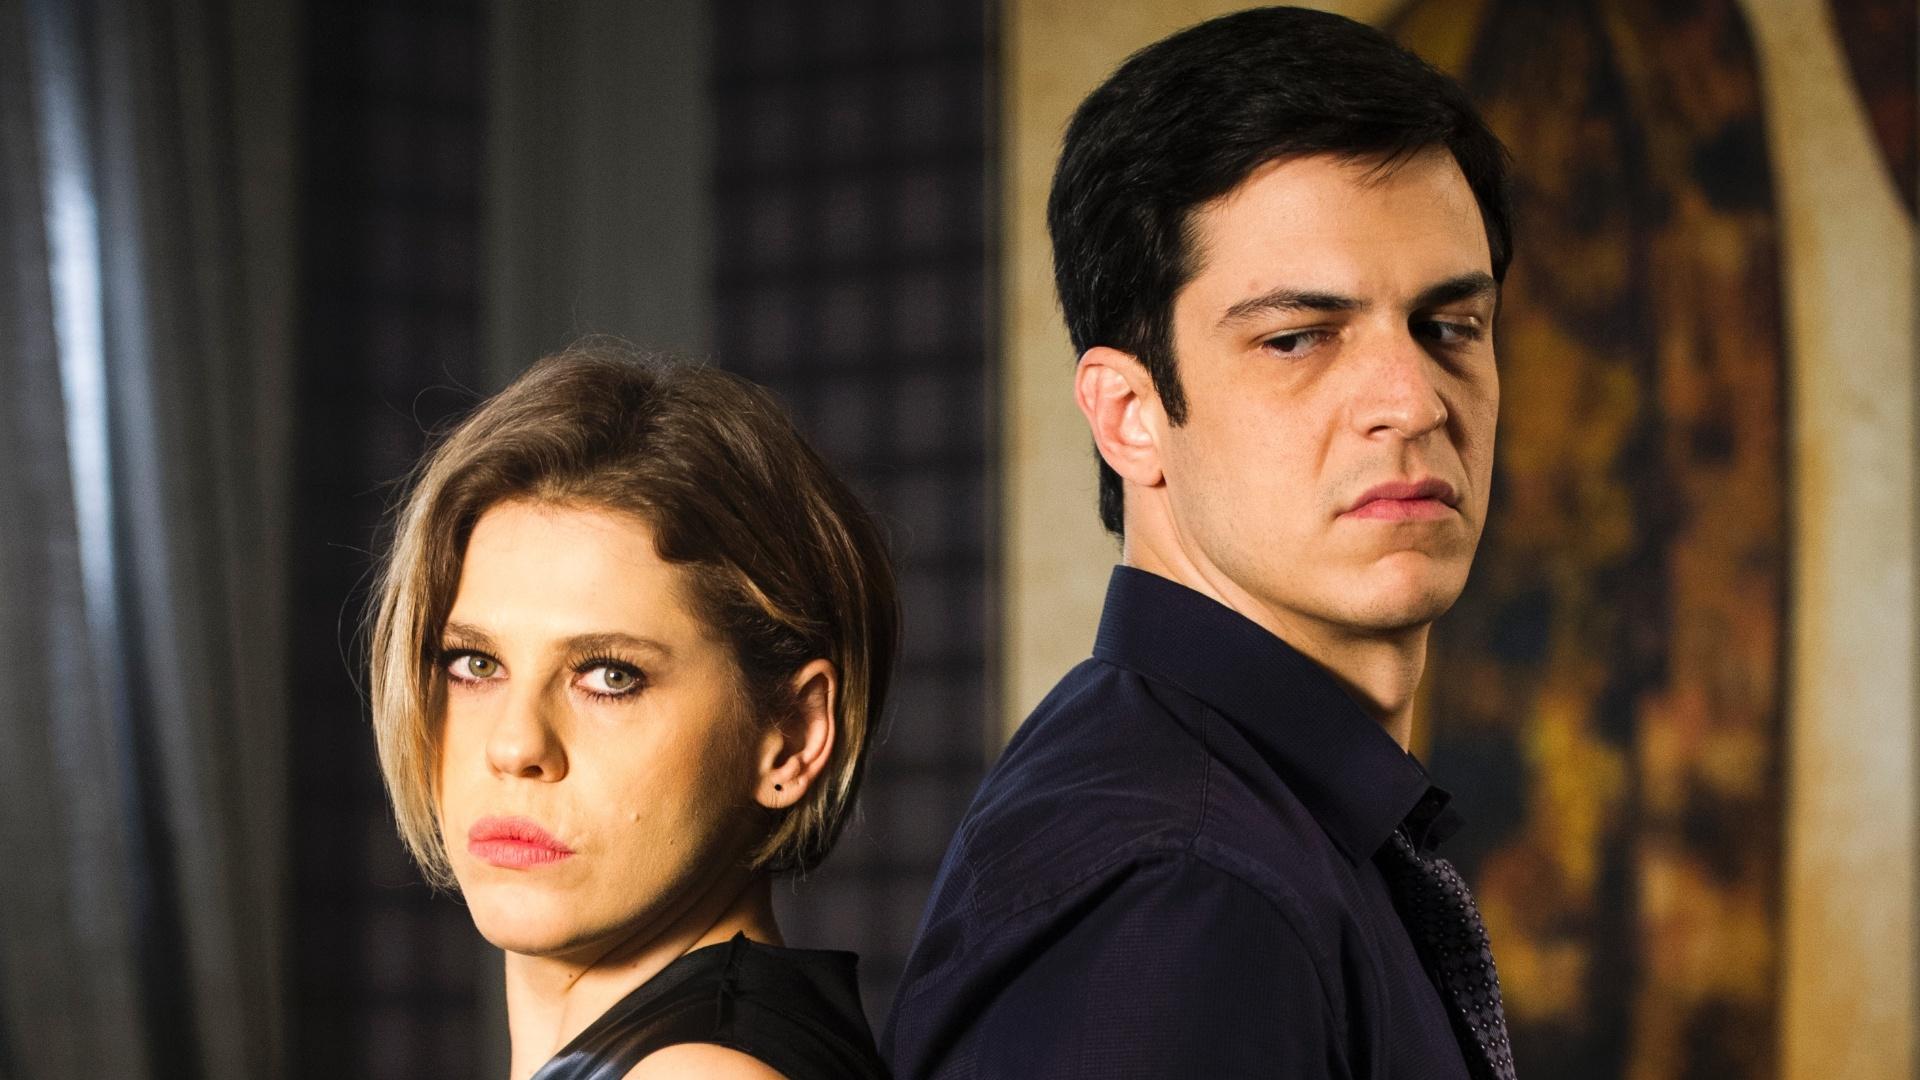 Bárbara Paz como Edith e Mateus Solano como Félix em